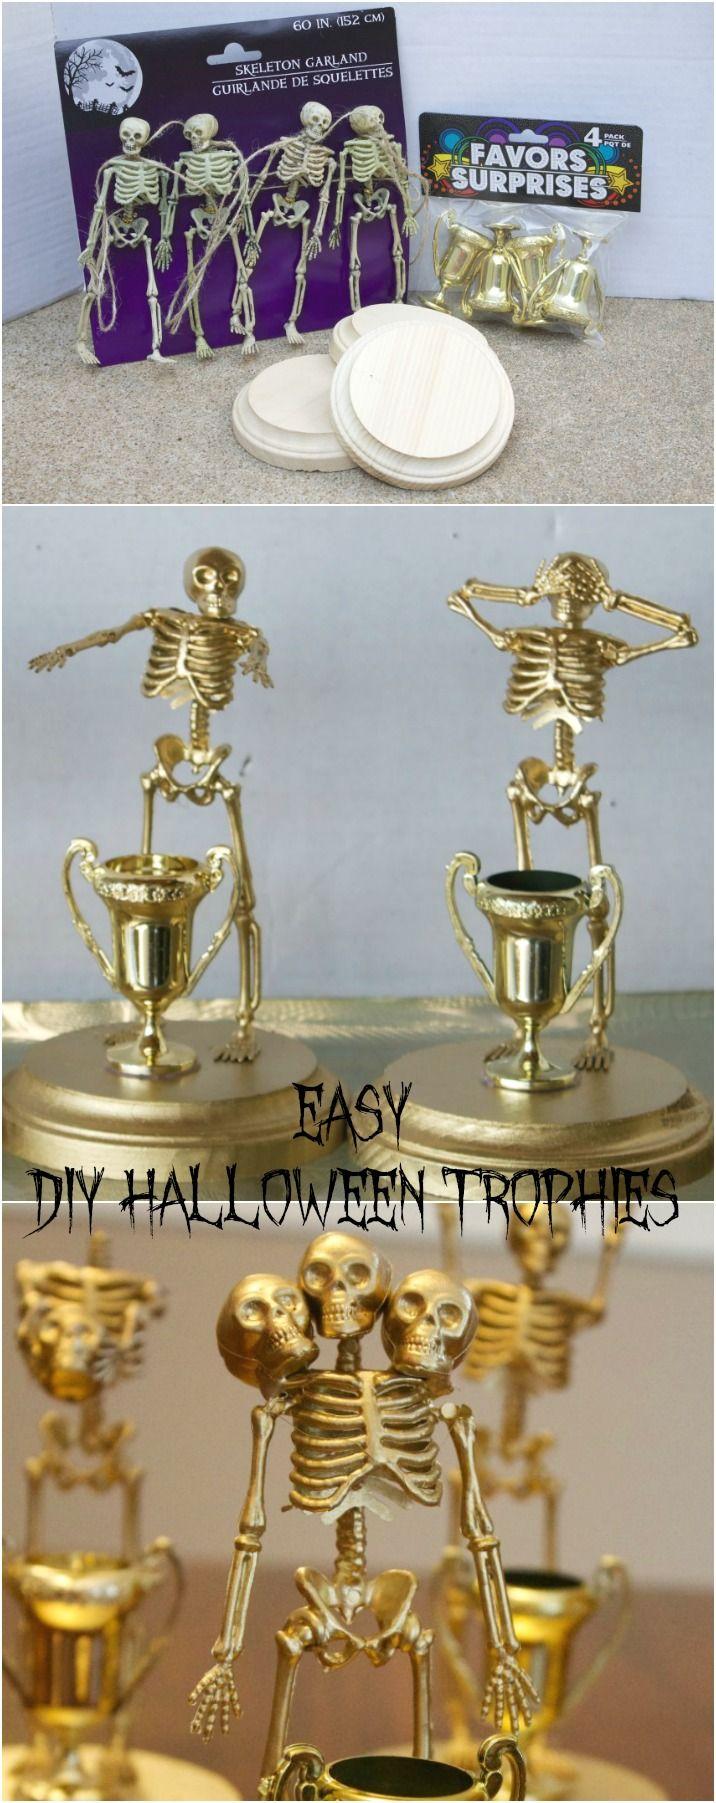 Diy Halloween Costume Contest Award Trophies | Halloween